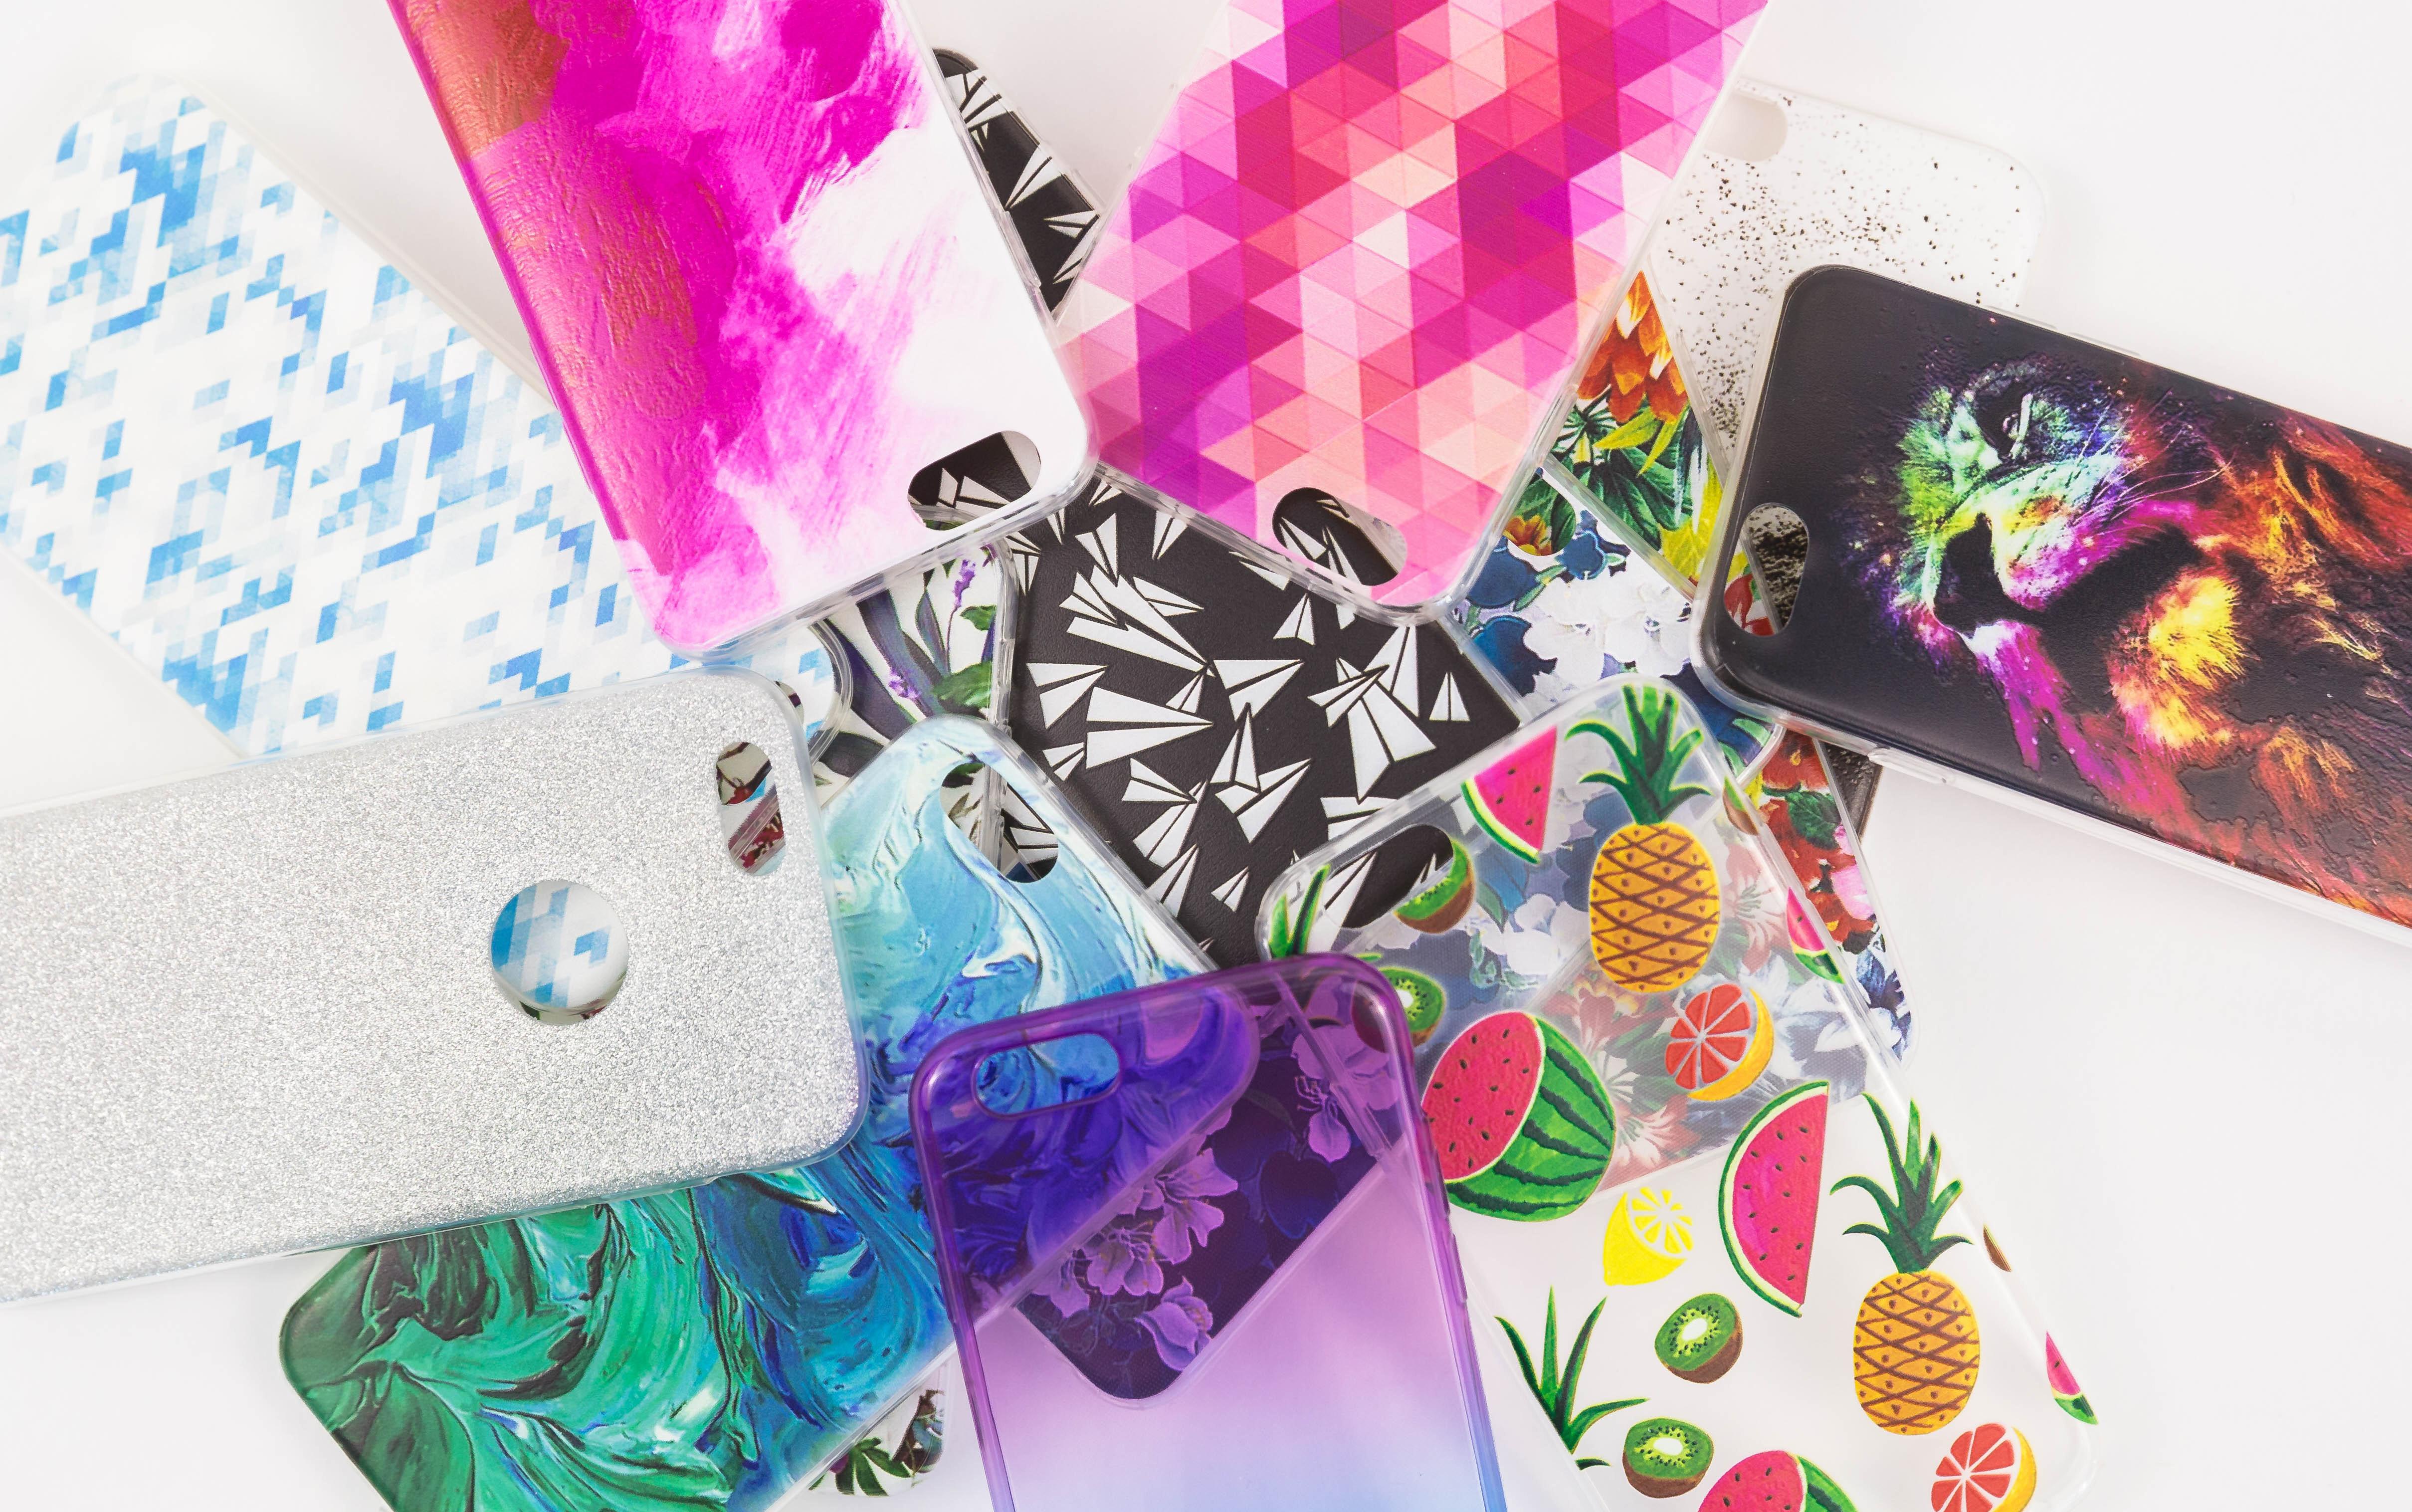 Silikónový, plastový či hliníkový kryt pre iPhone? Vieme, ktorý zvoliť